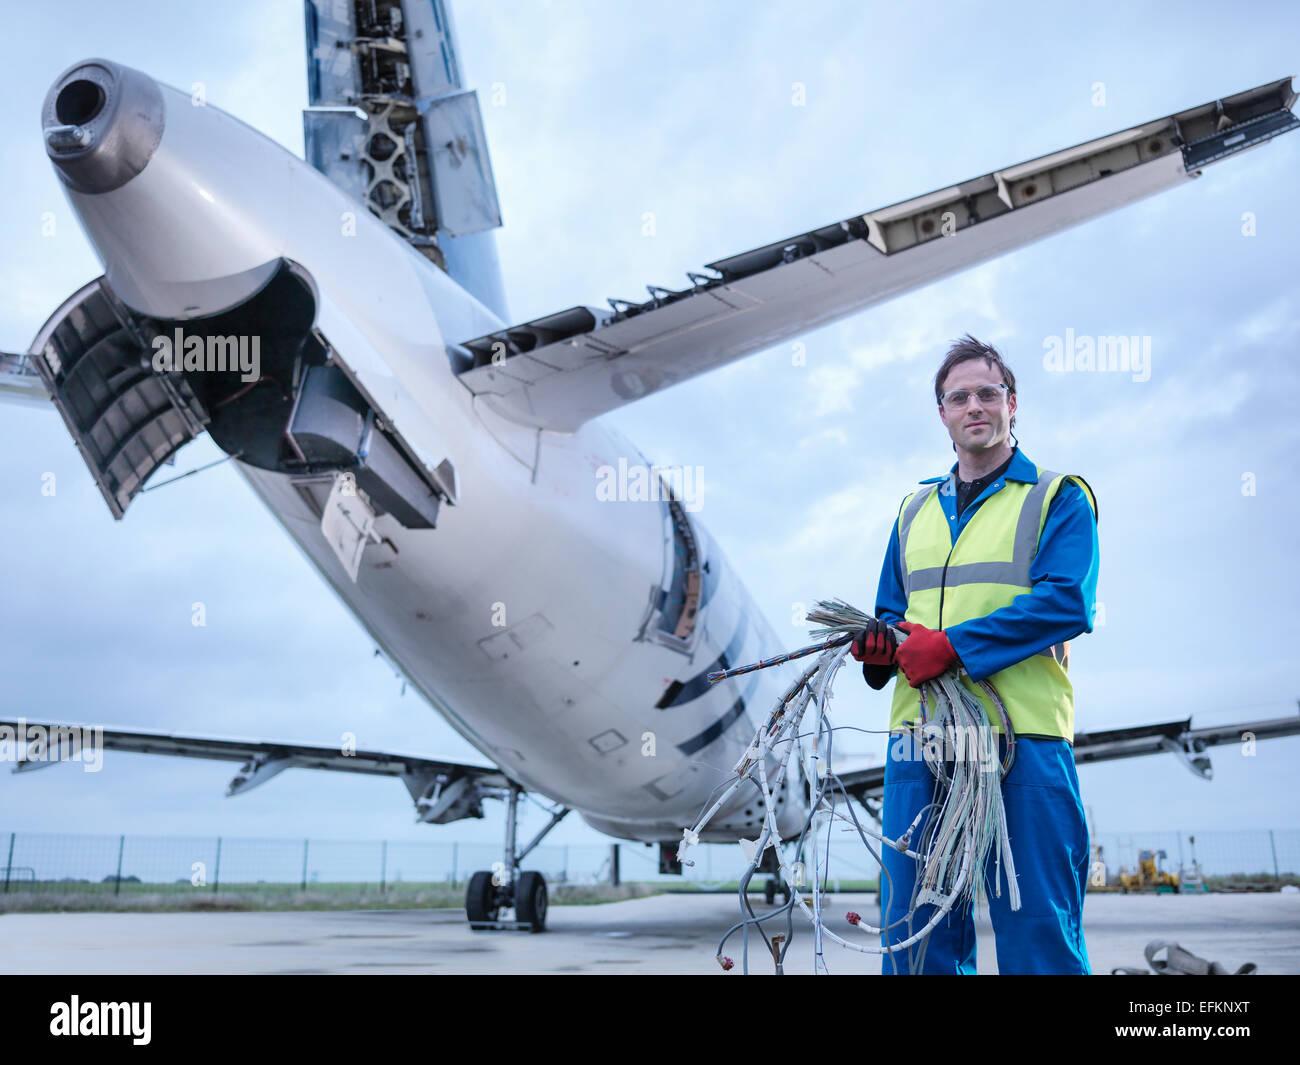 Recyclage de pièces d'aéronefs Mécanicien sur la piste, portrait Photo Stock